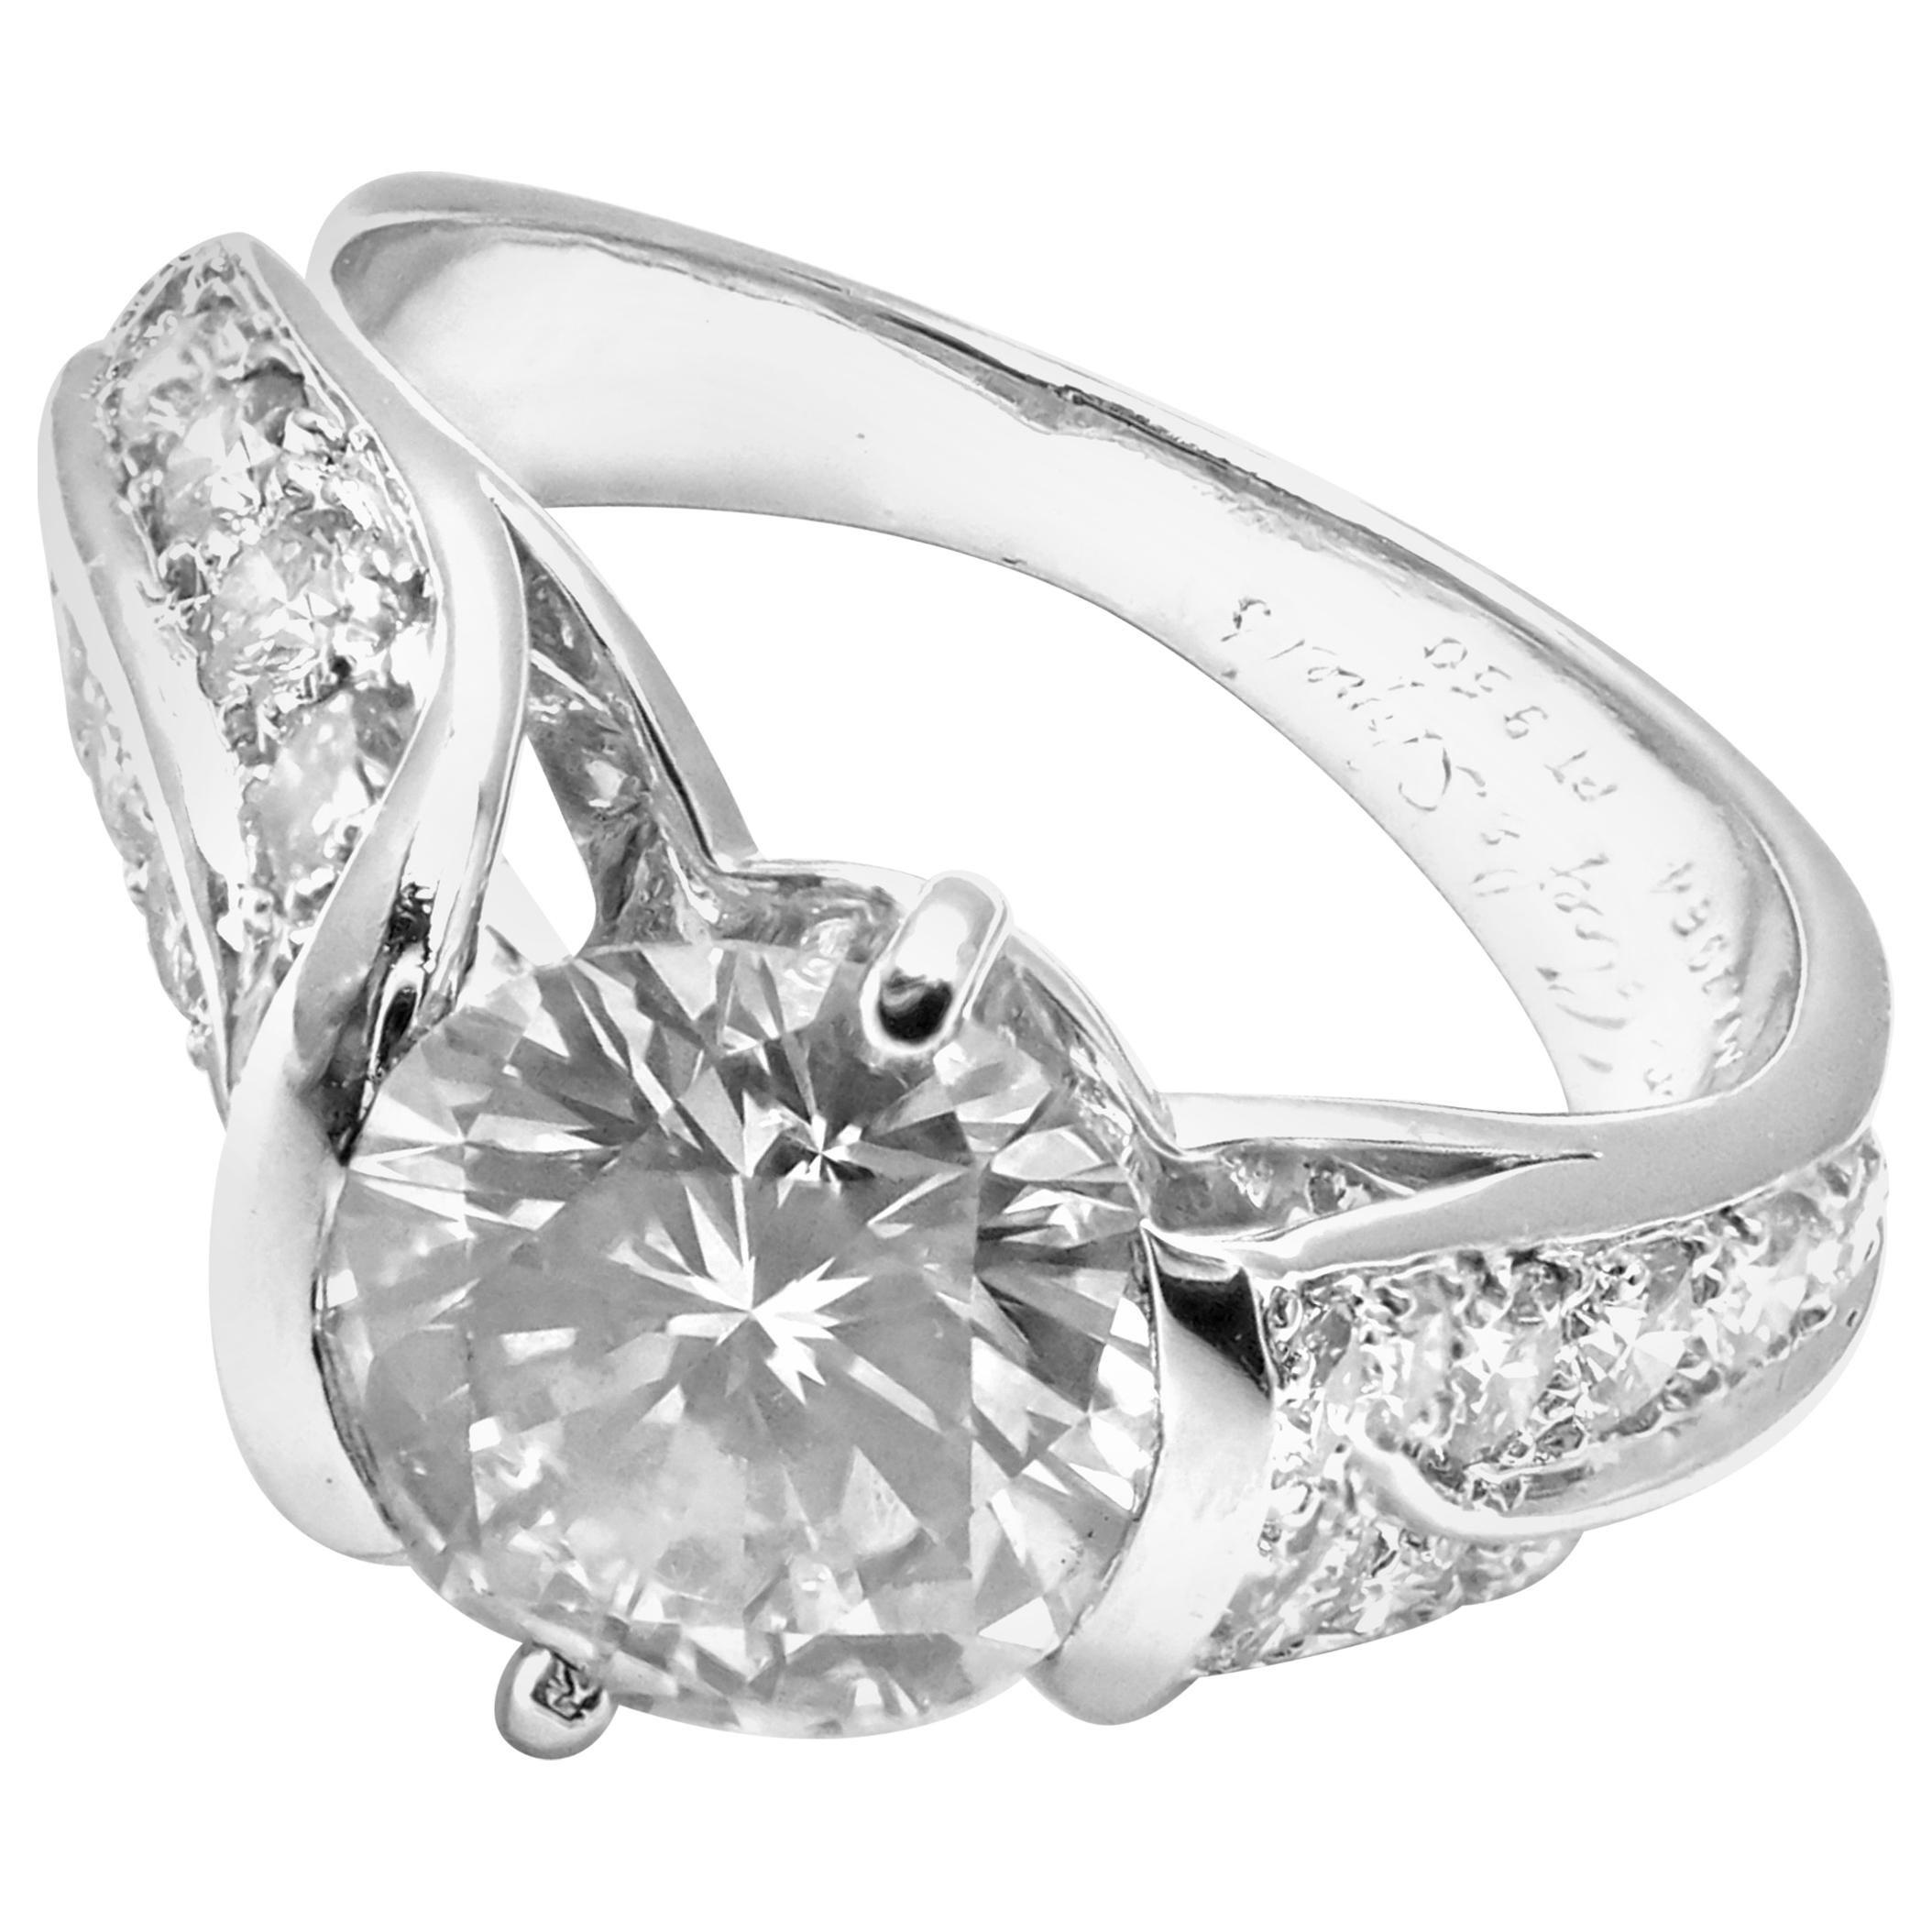 Authentic Van Cleef & Arpels Platinum 1.88 Carat VVS1 E Diamond Ring GIA